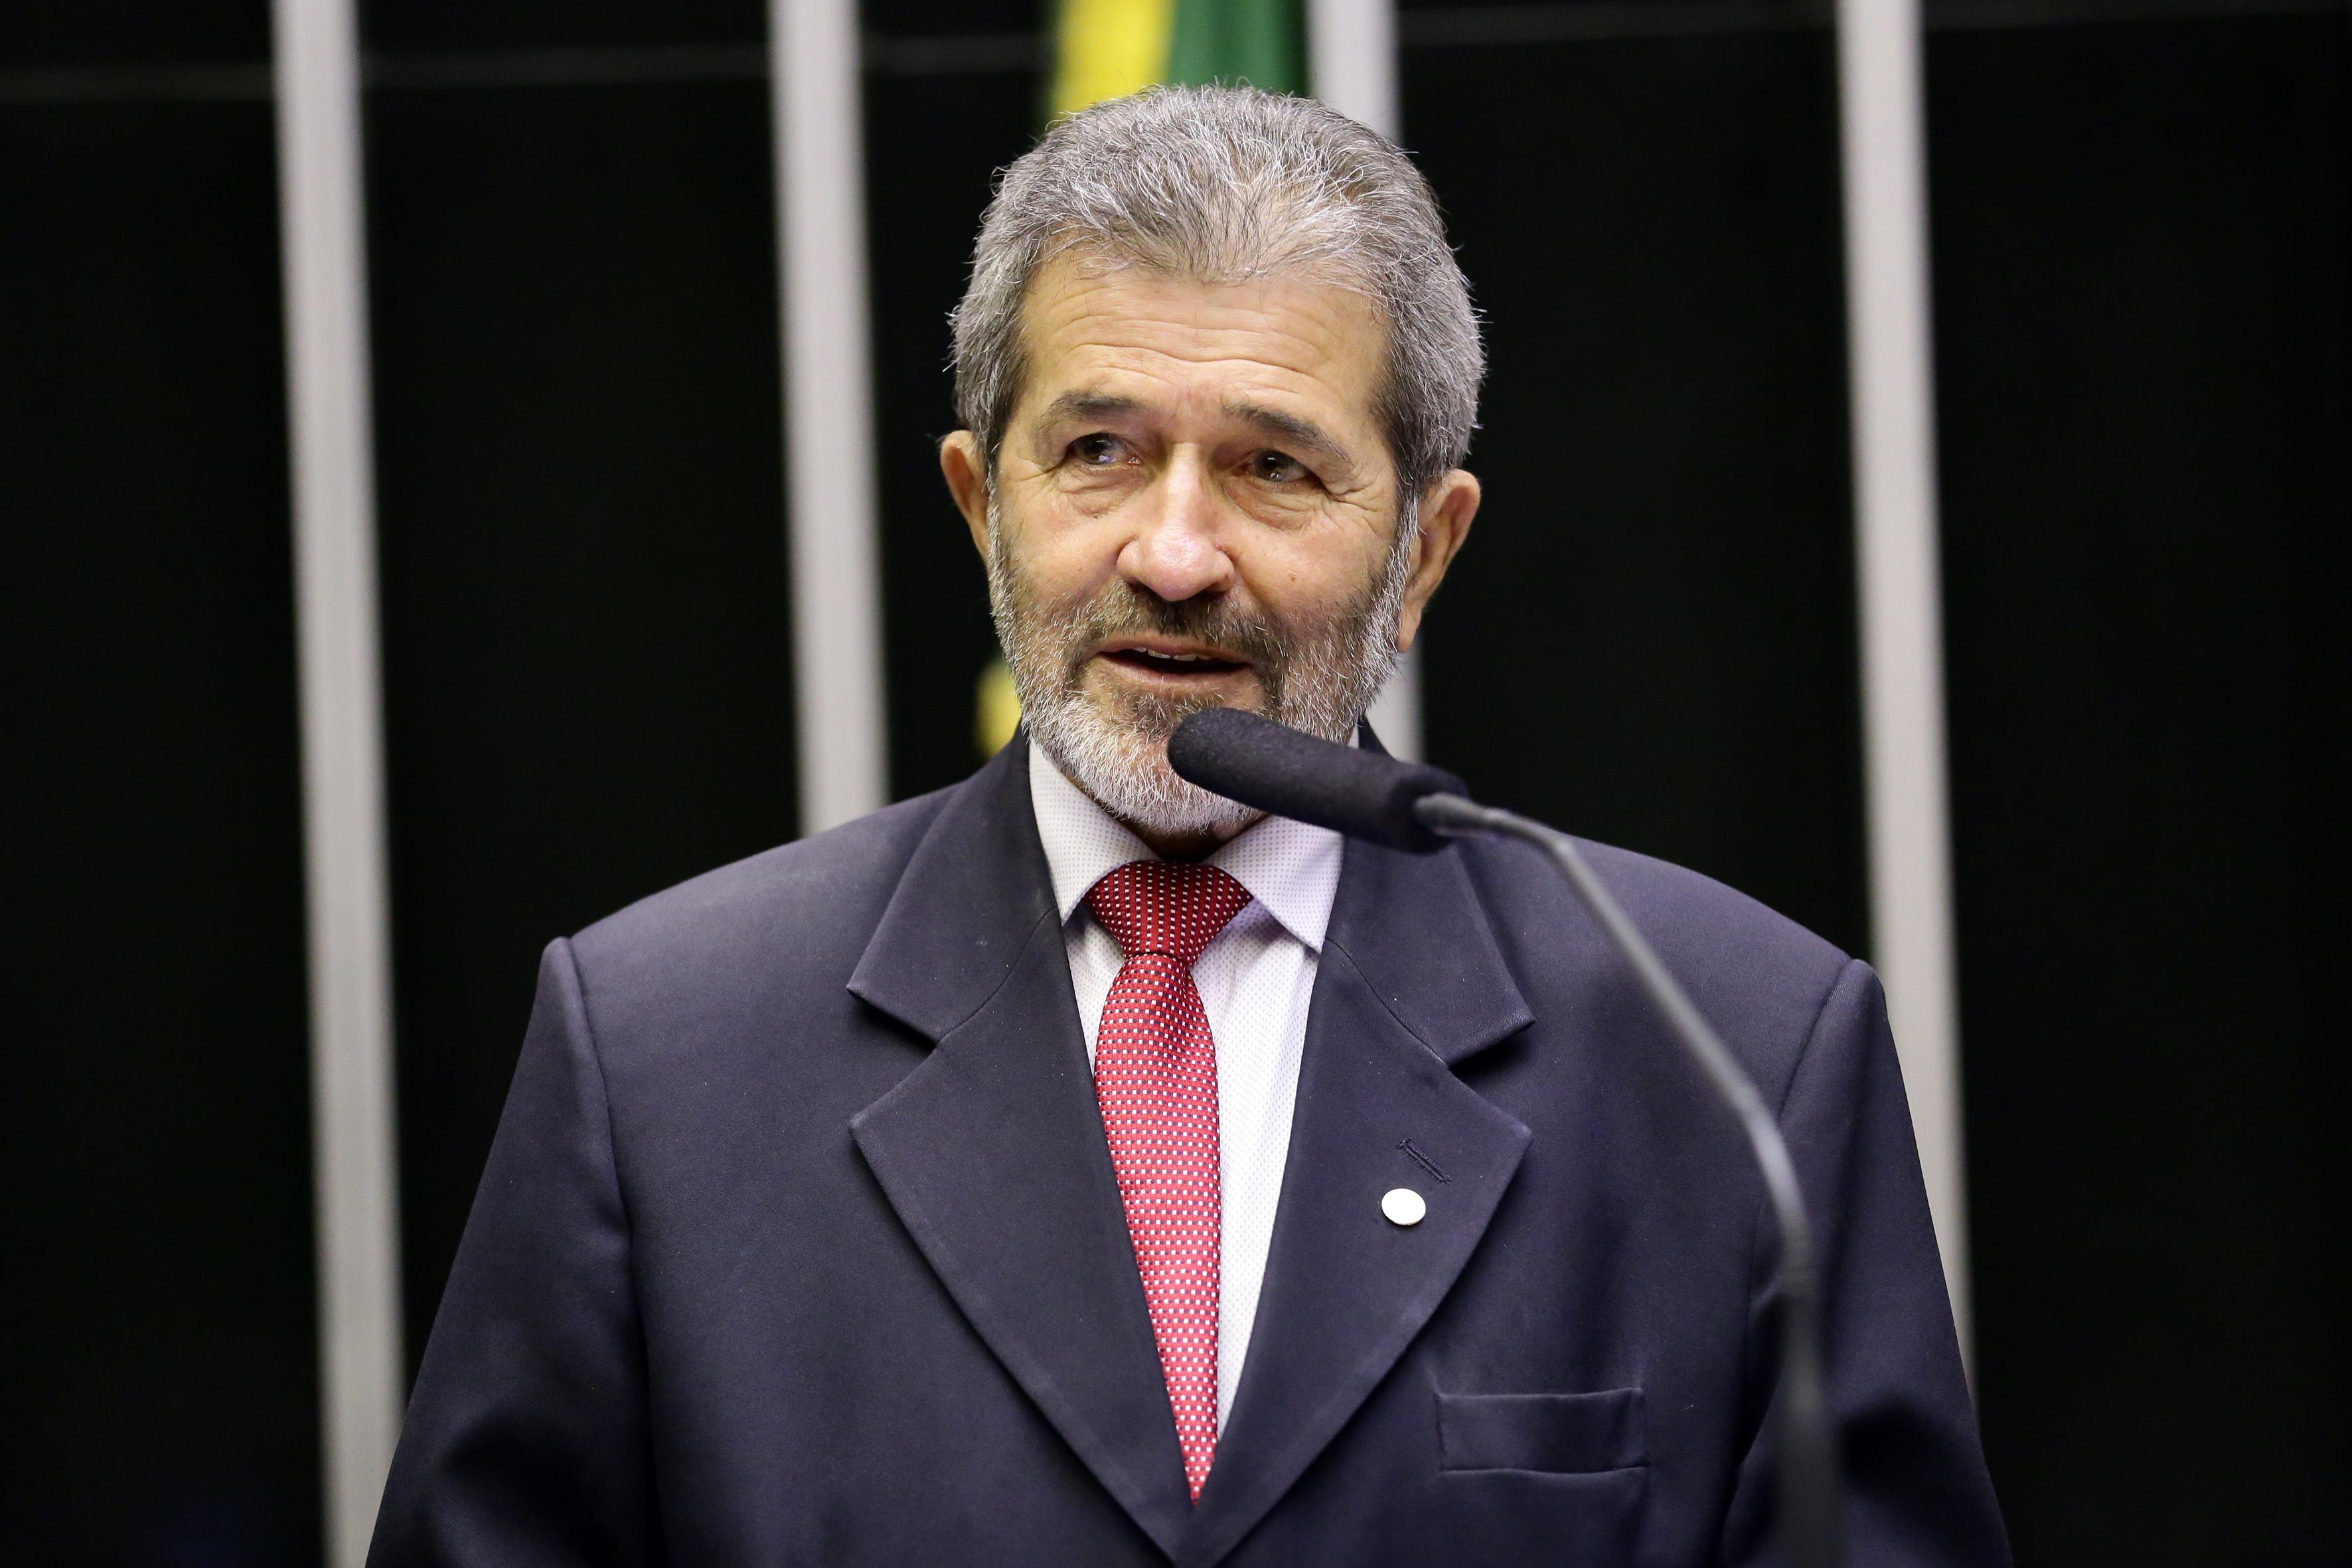 Homenagem ao Centenário do Jornal do Commercio de Pernambuco. Dep. Gonzaga Patriota (PSB-PE)